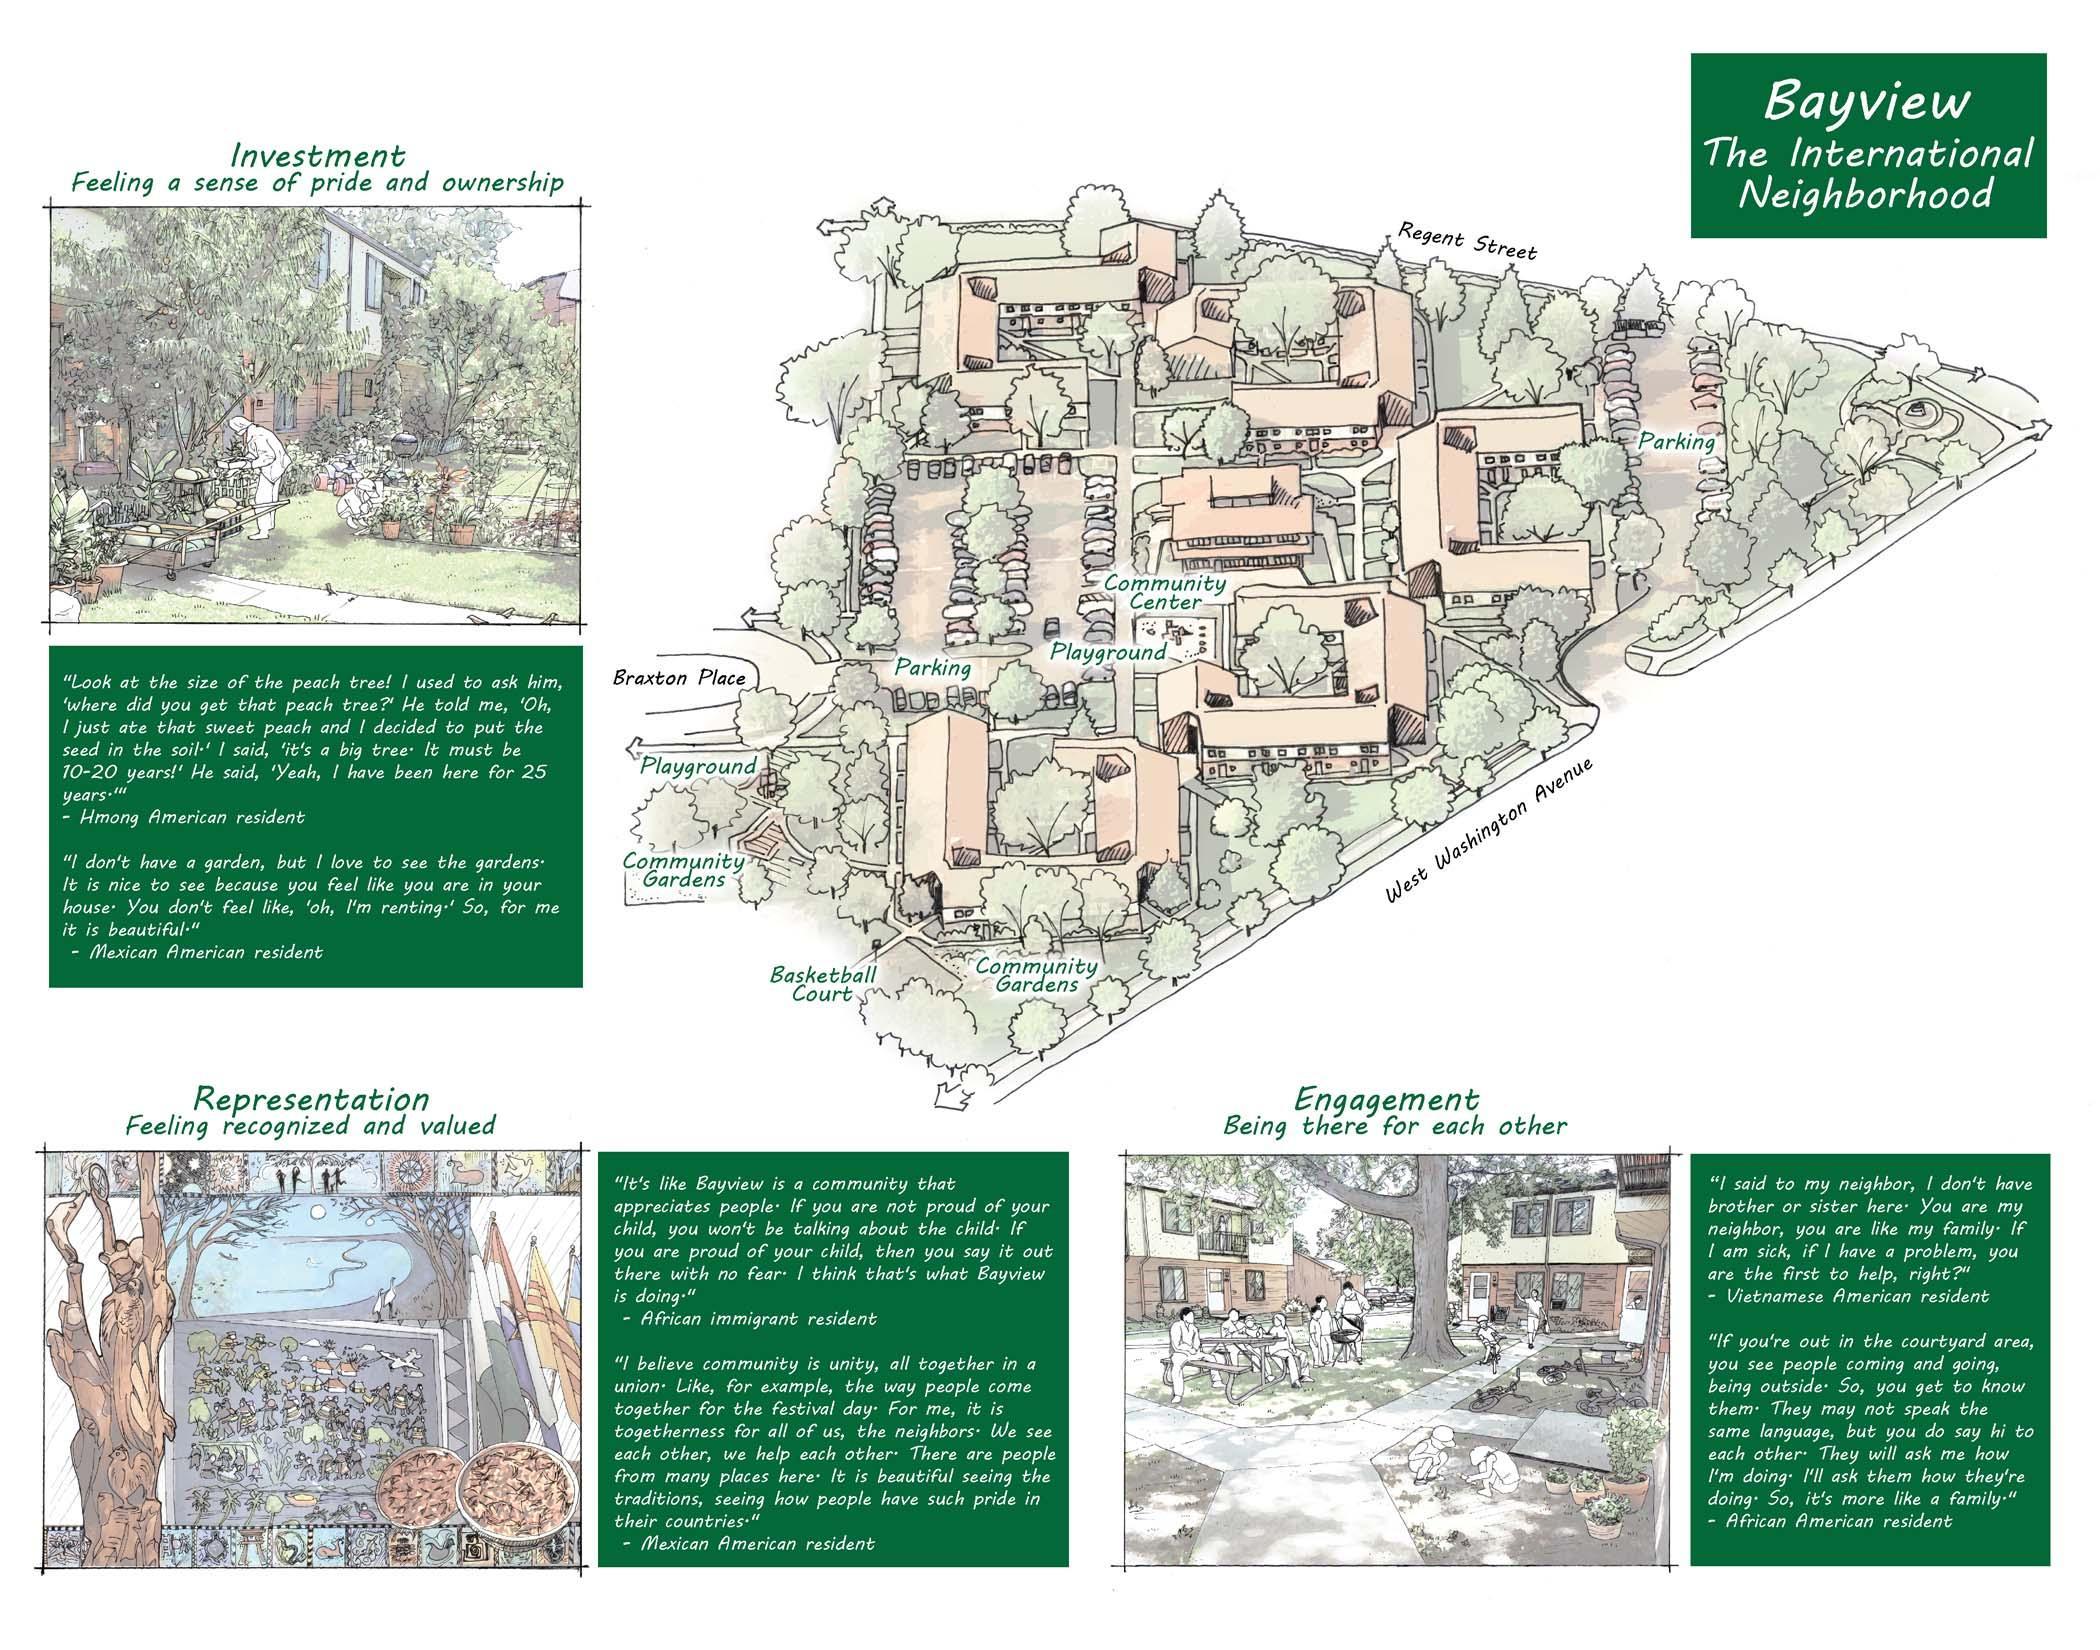 Asset_Neighborhood_Combined-page-002.jpg